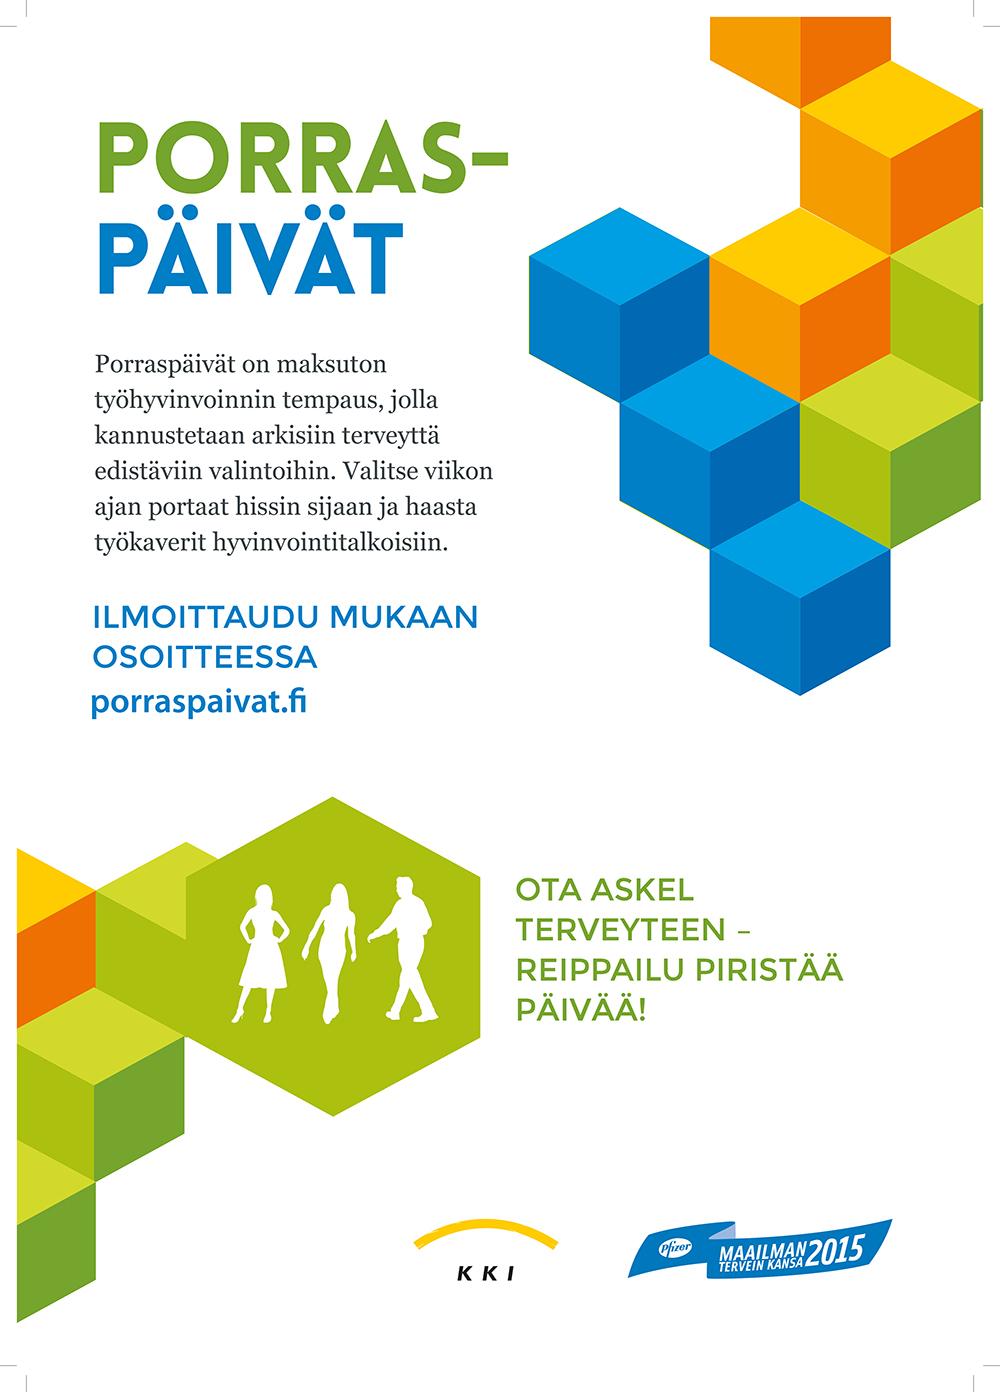 Stairdays – Porraspäivät for your own health!